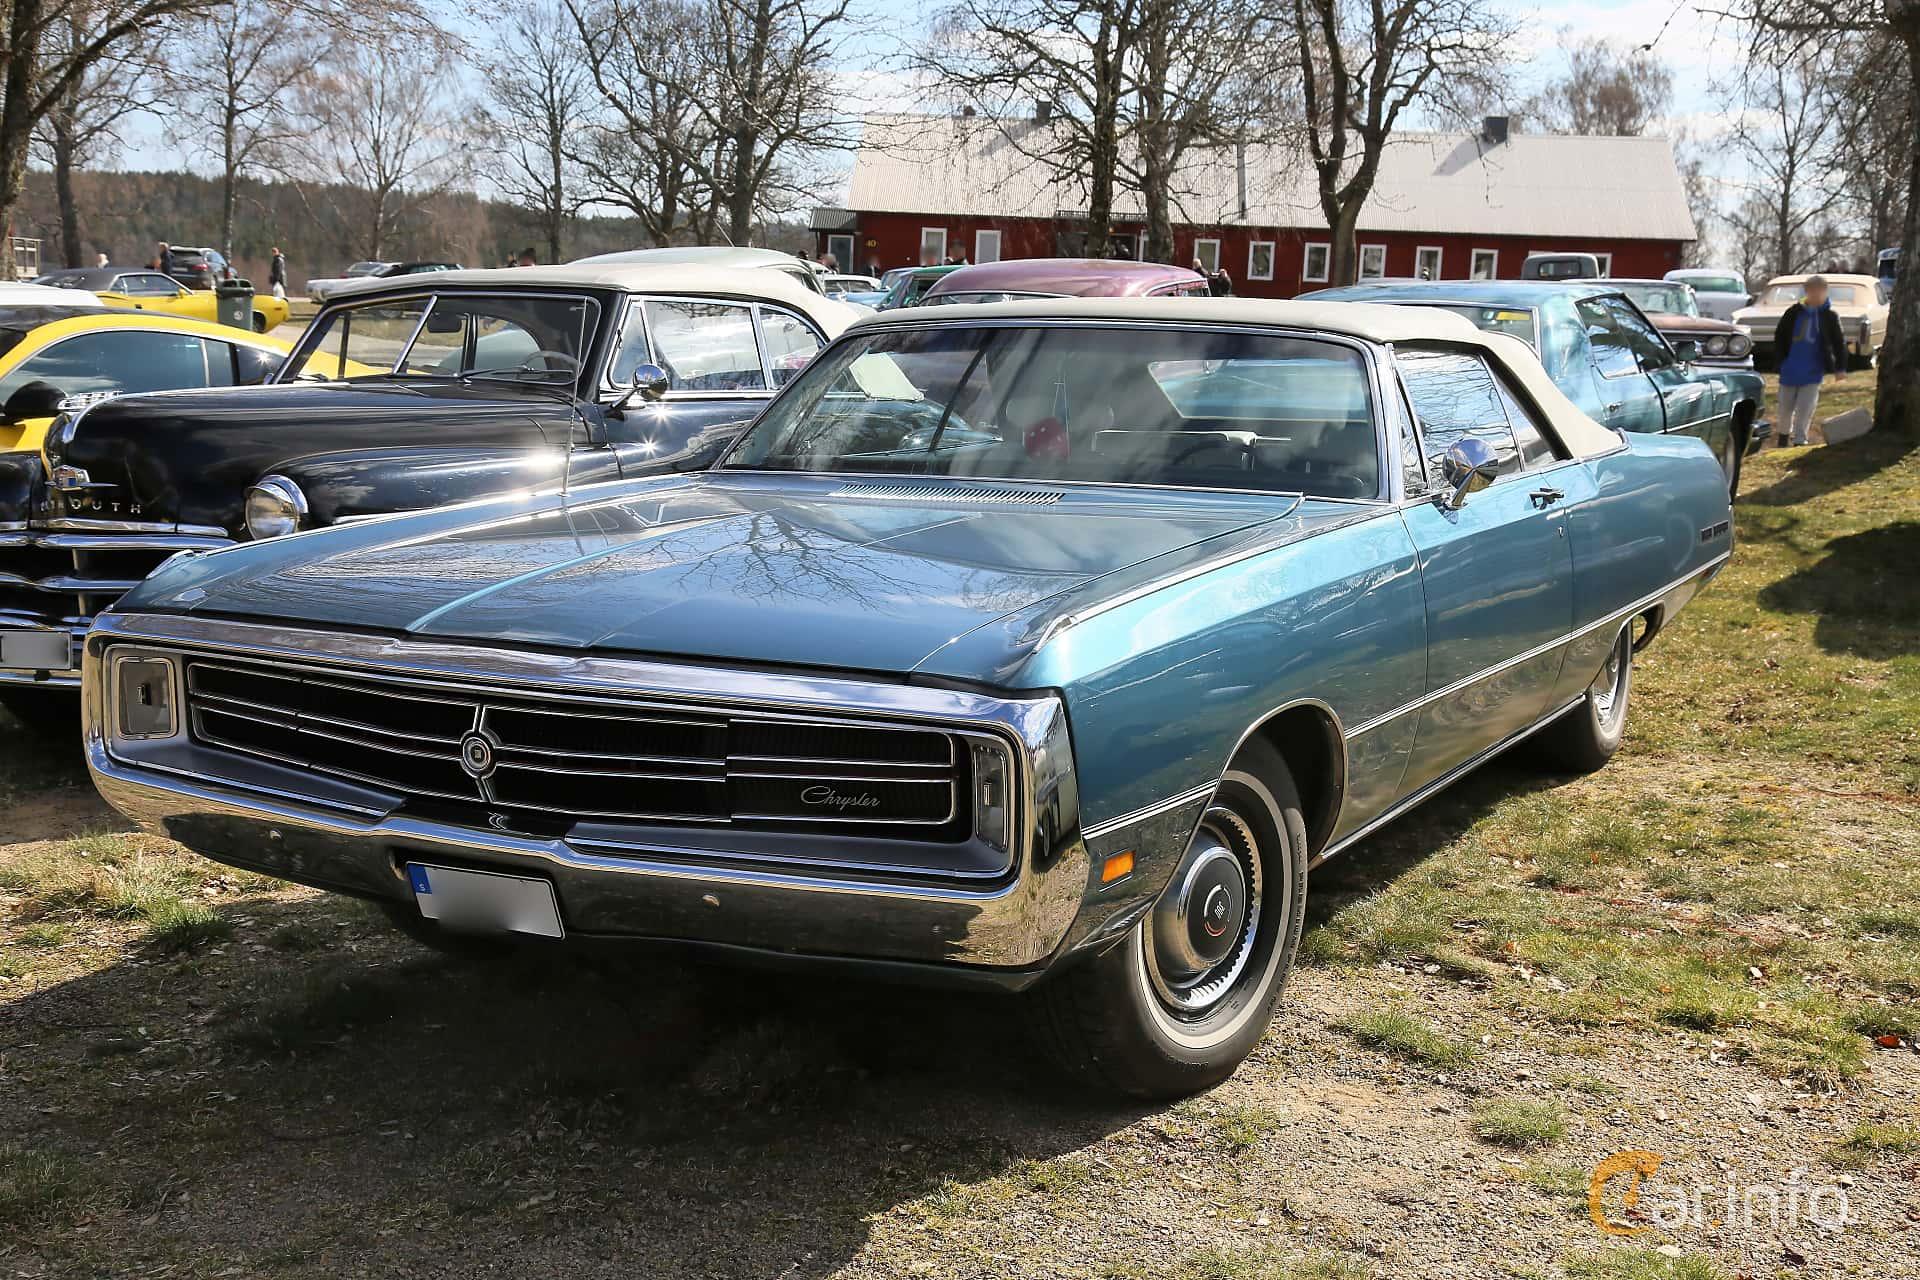 Chrysler Three Hundred Convertible 7.2 V8 TorqueFlite, 355hp, 1969 at Uddevalla Veteranbilsmarknad Backamo, Ljungsk 2019